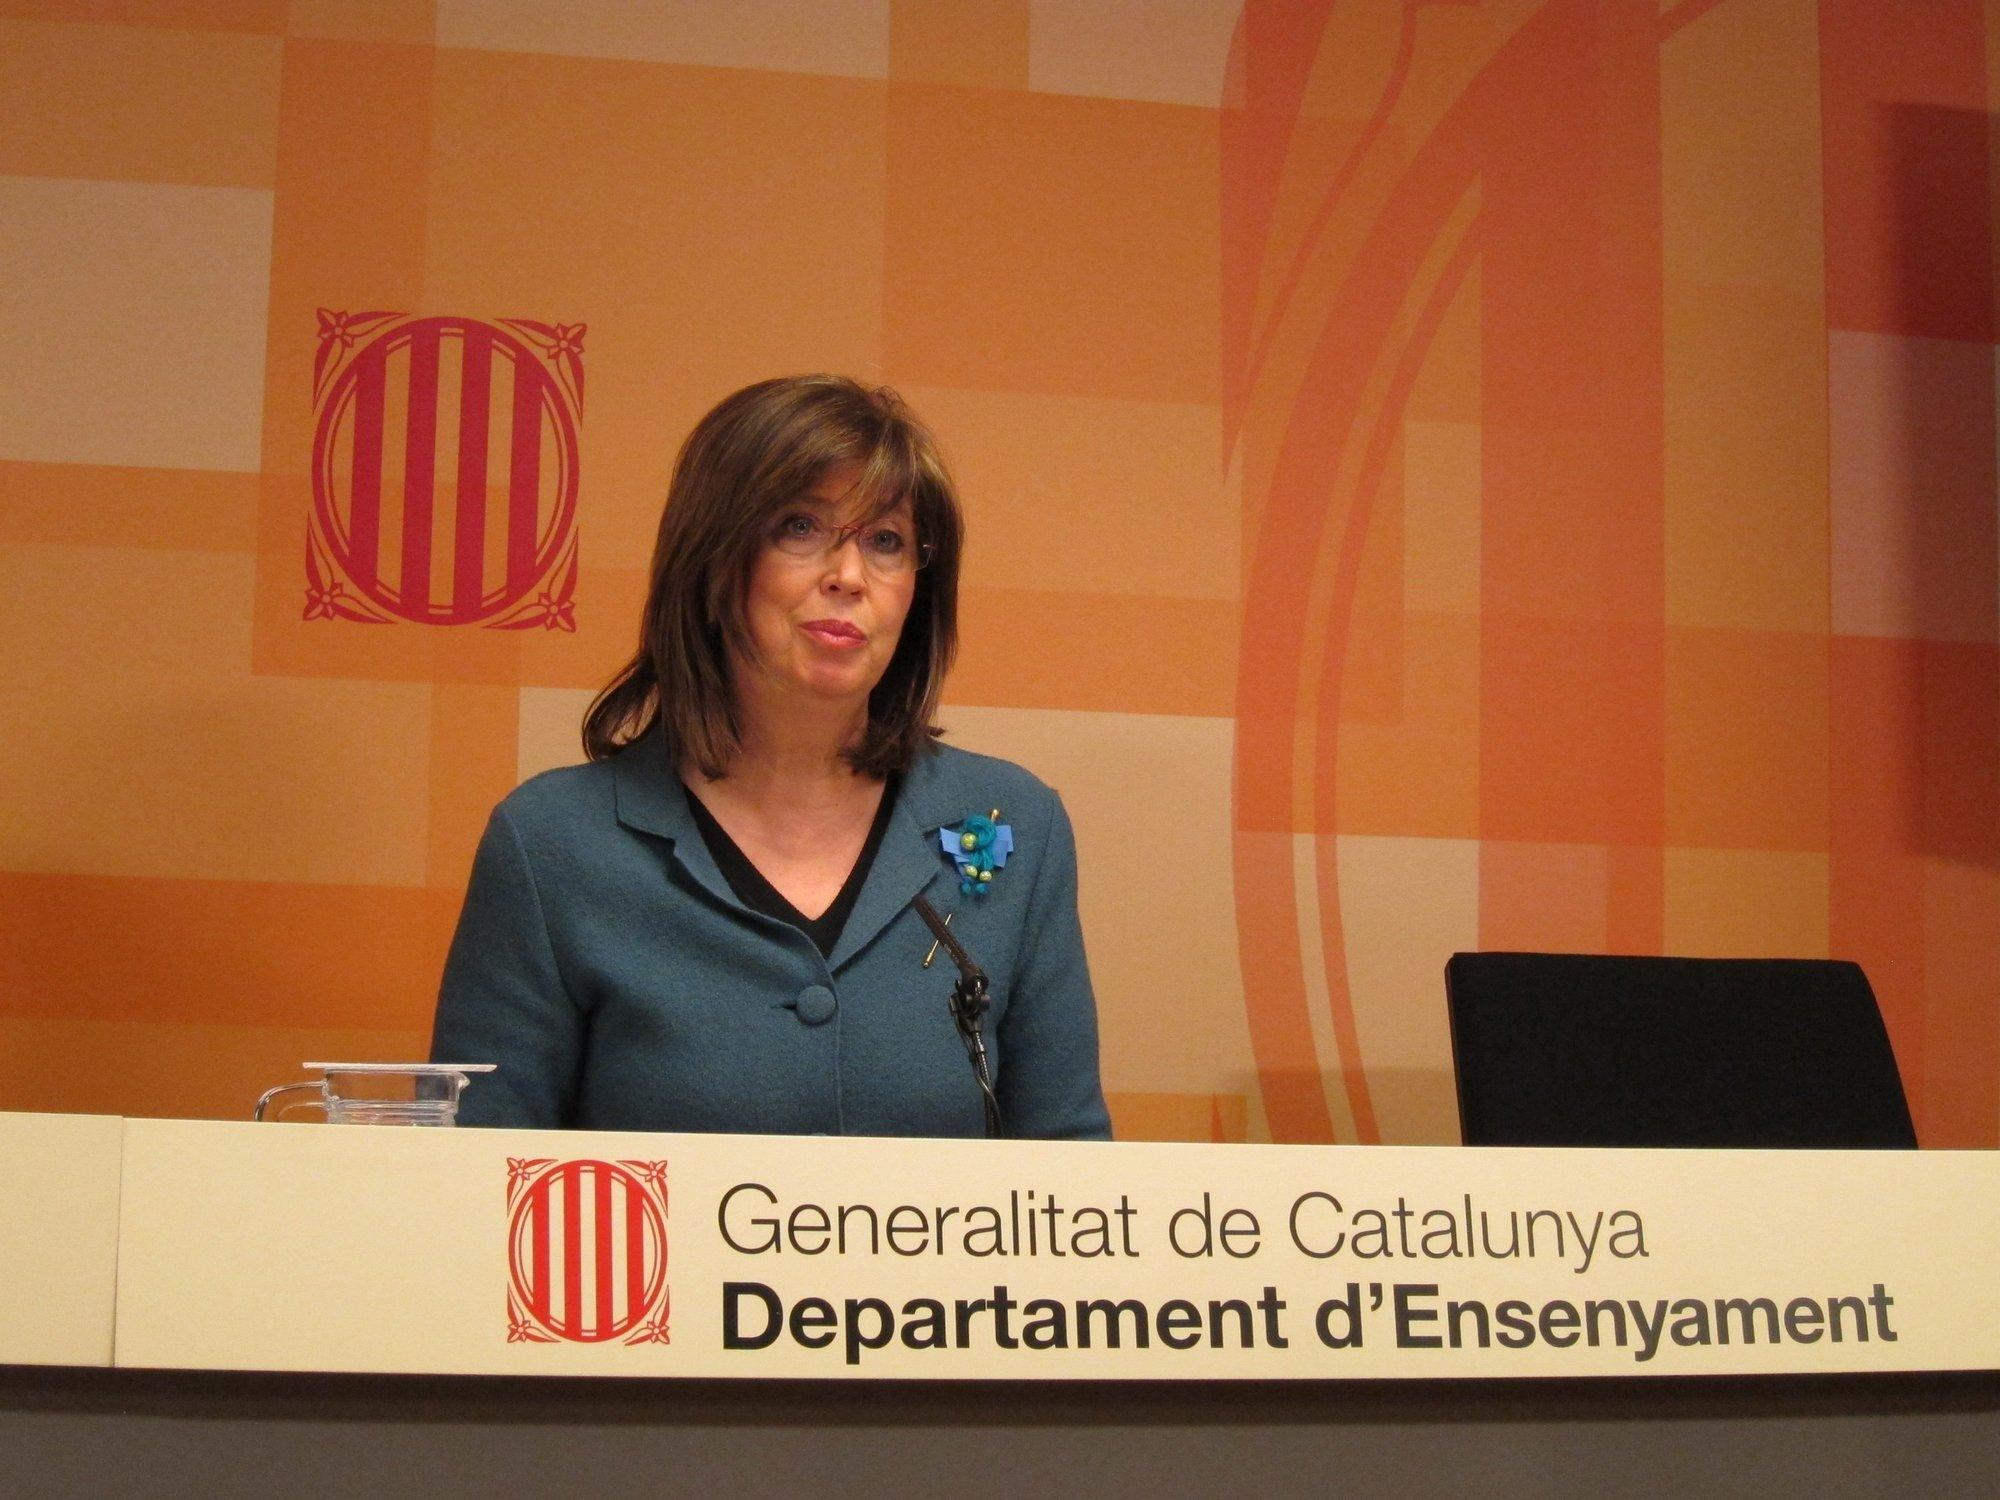 La consejera catalana de Enseñanza pide un segundo «esfuerzo complementario» a los profesores para el próximo curso